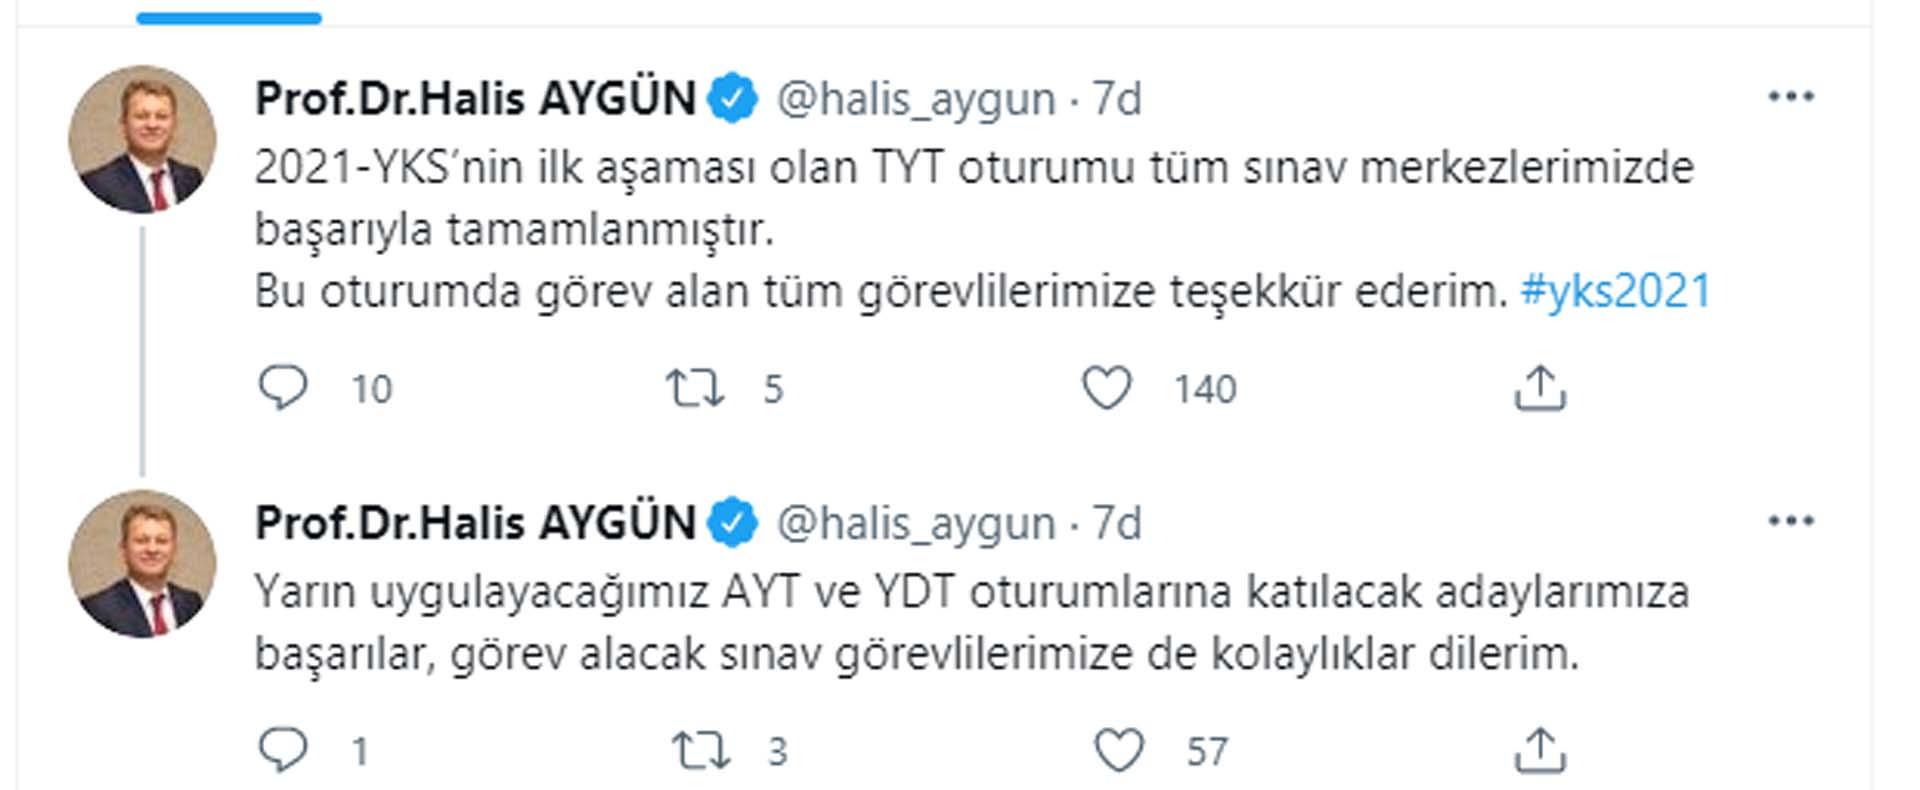 Son dakika   ÖSYM Başkanı Aygün'den YKS açıklaması: TYT oturumu başarıyla tamamlanmıştır